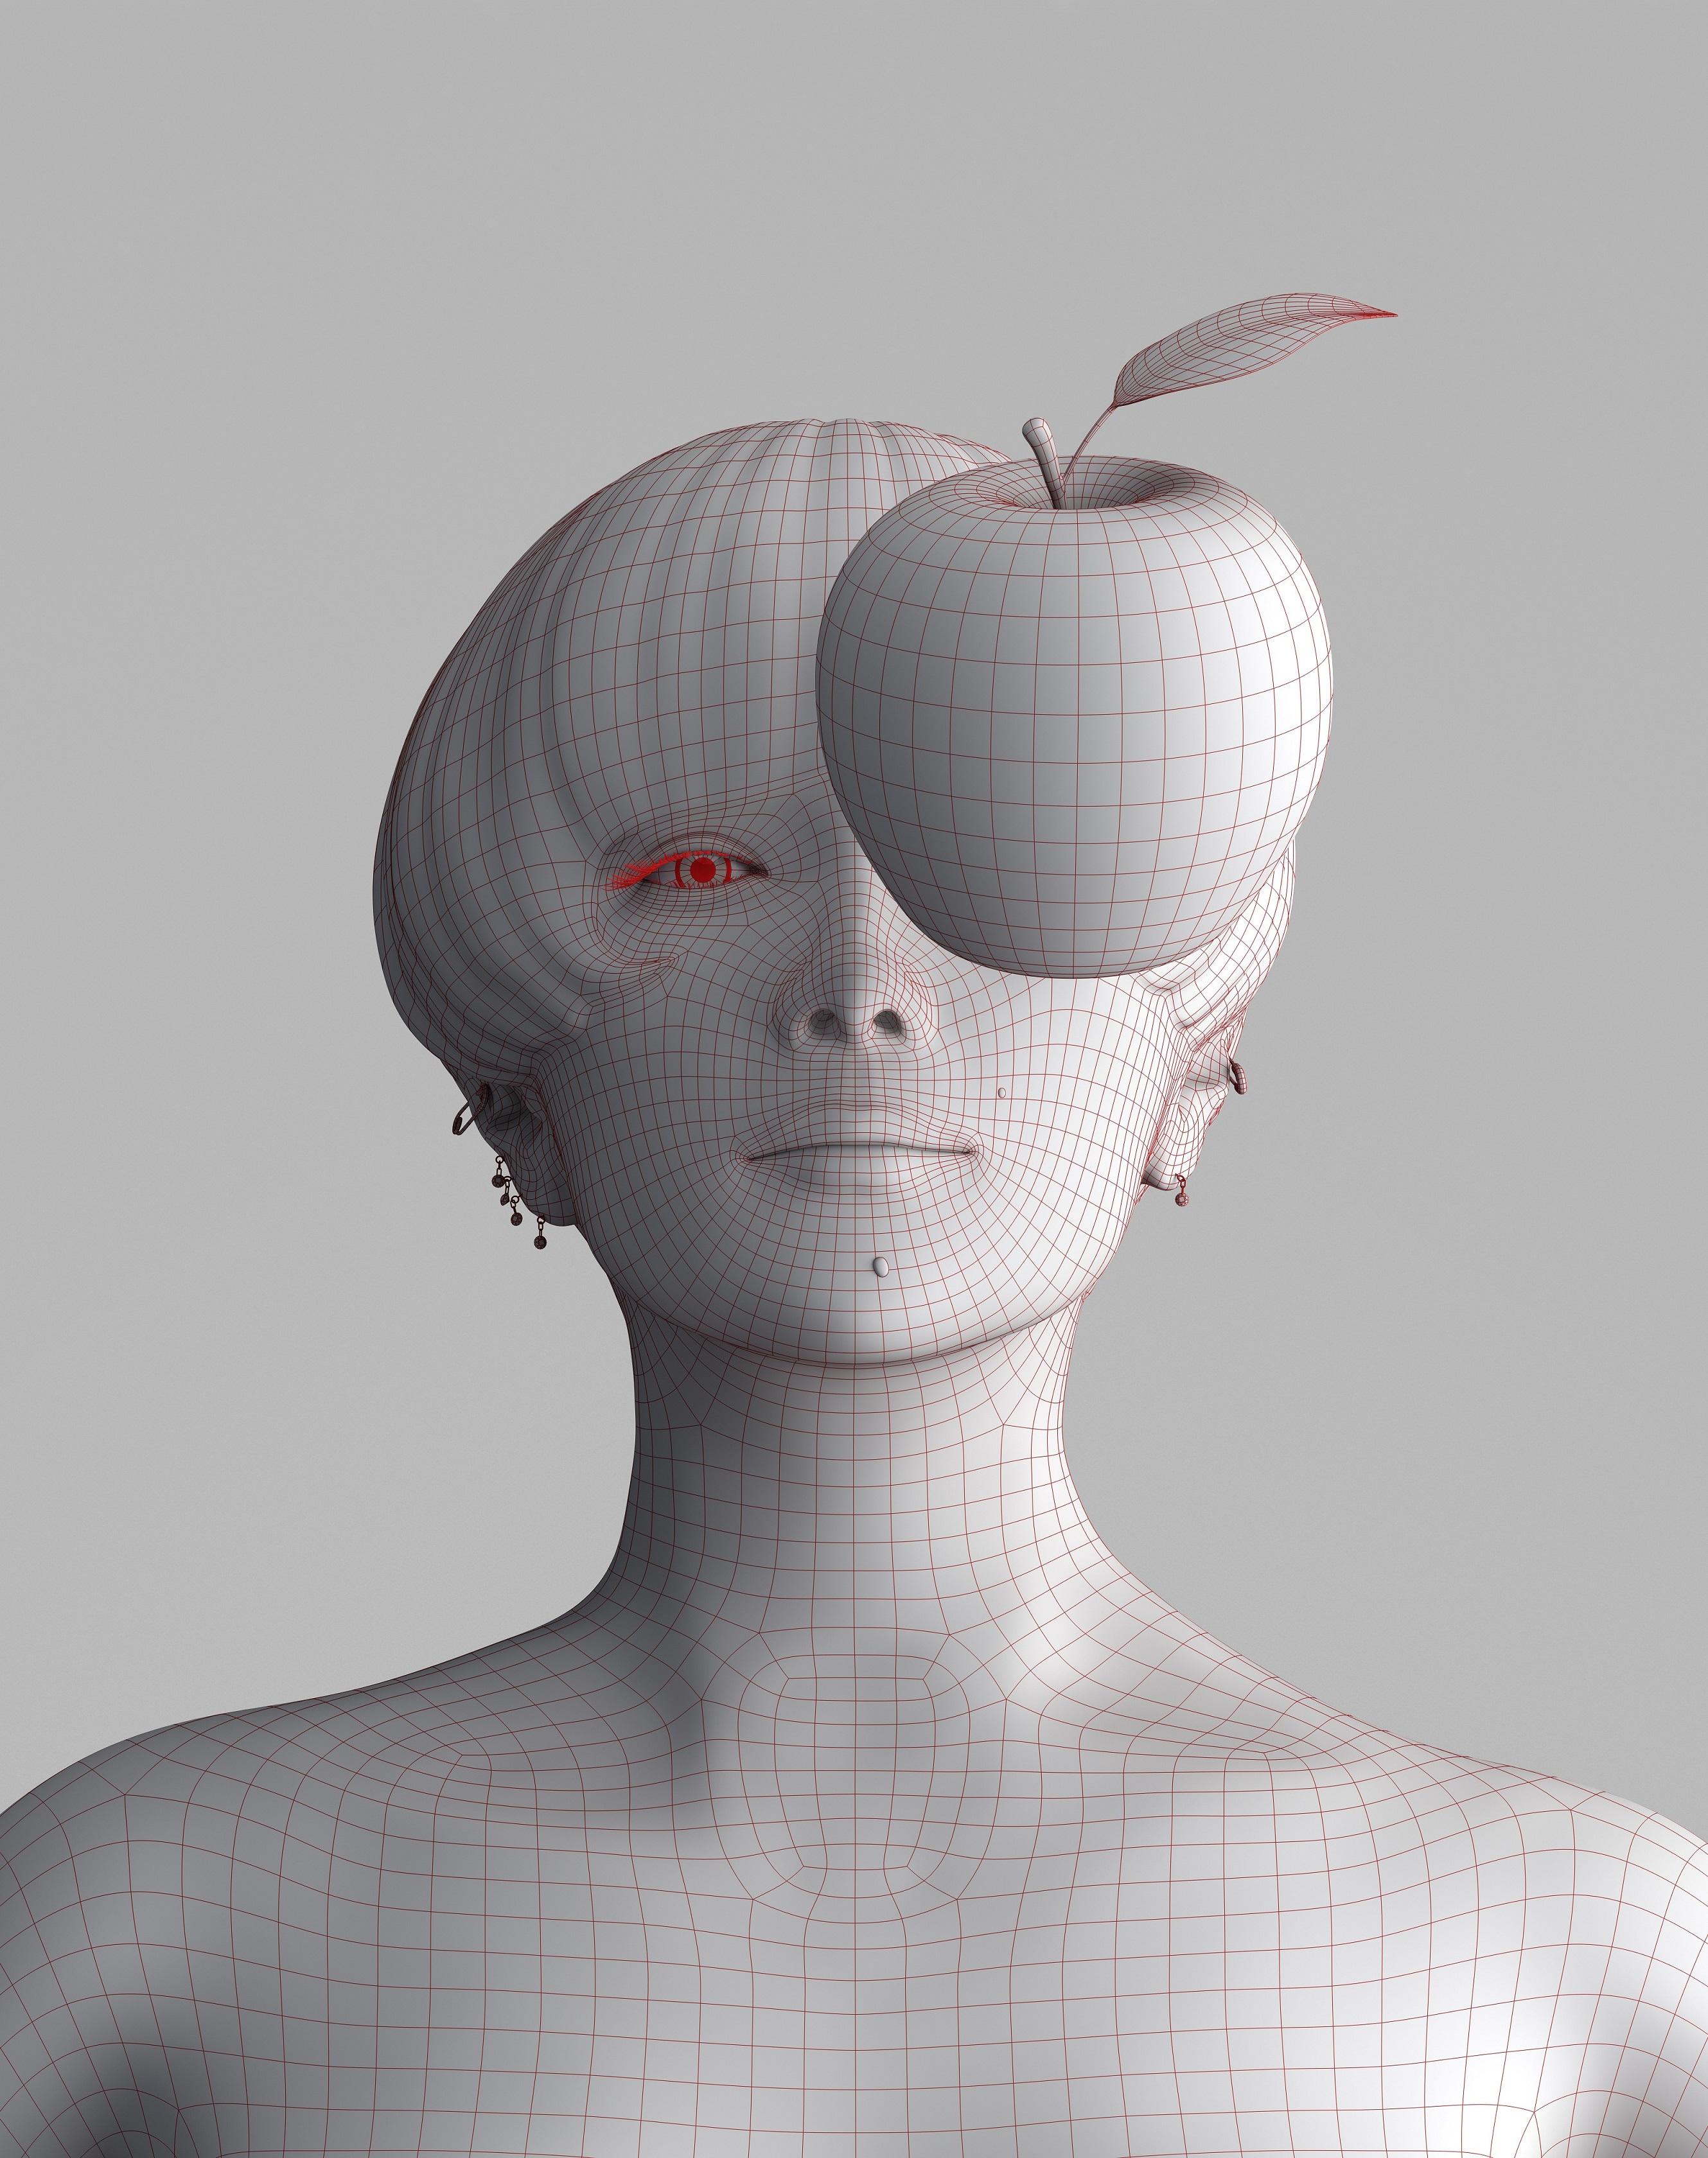 椎名林檎」の歌詞・動画・ニュース一覧|歌詞検索サイト【UtaTen】